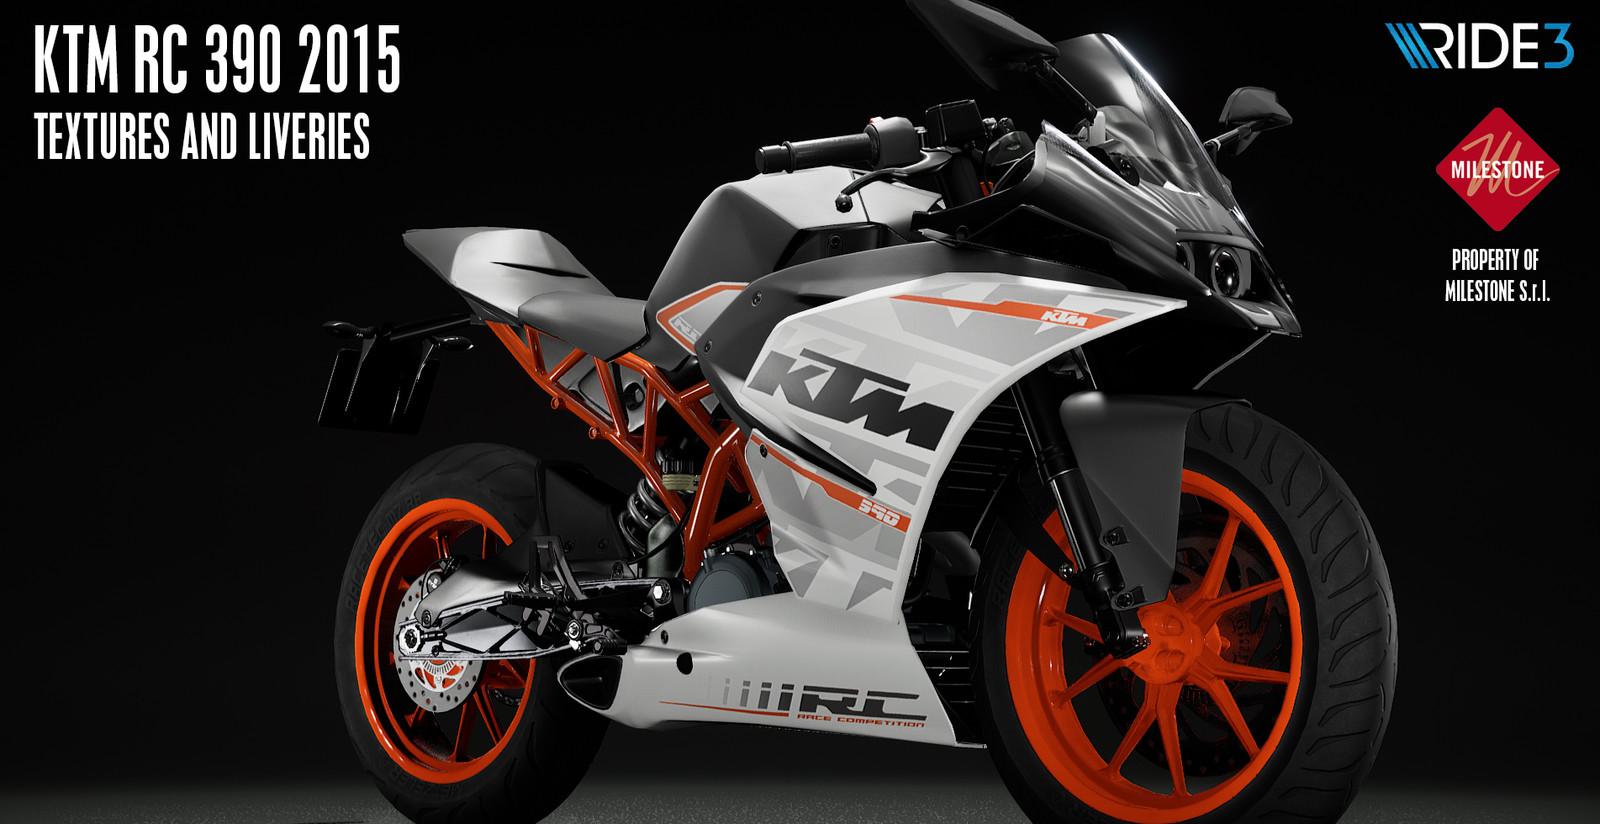 Ride3 - KTM RC 390 2015